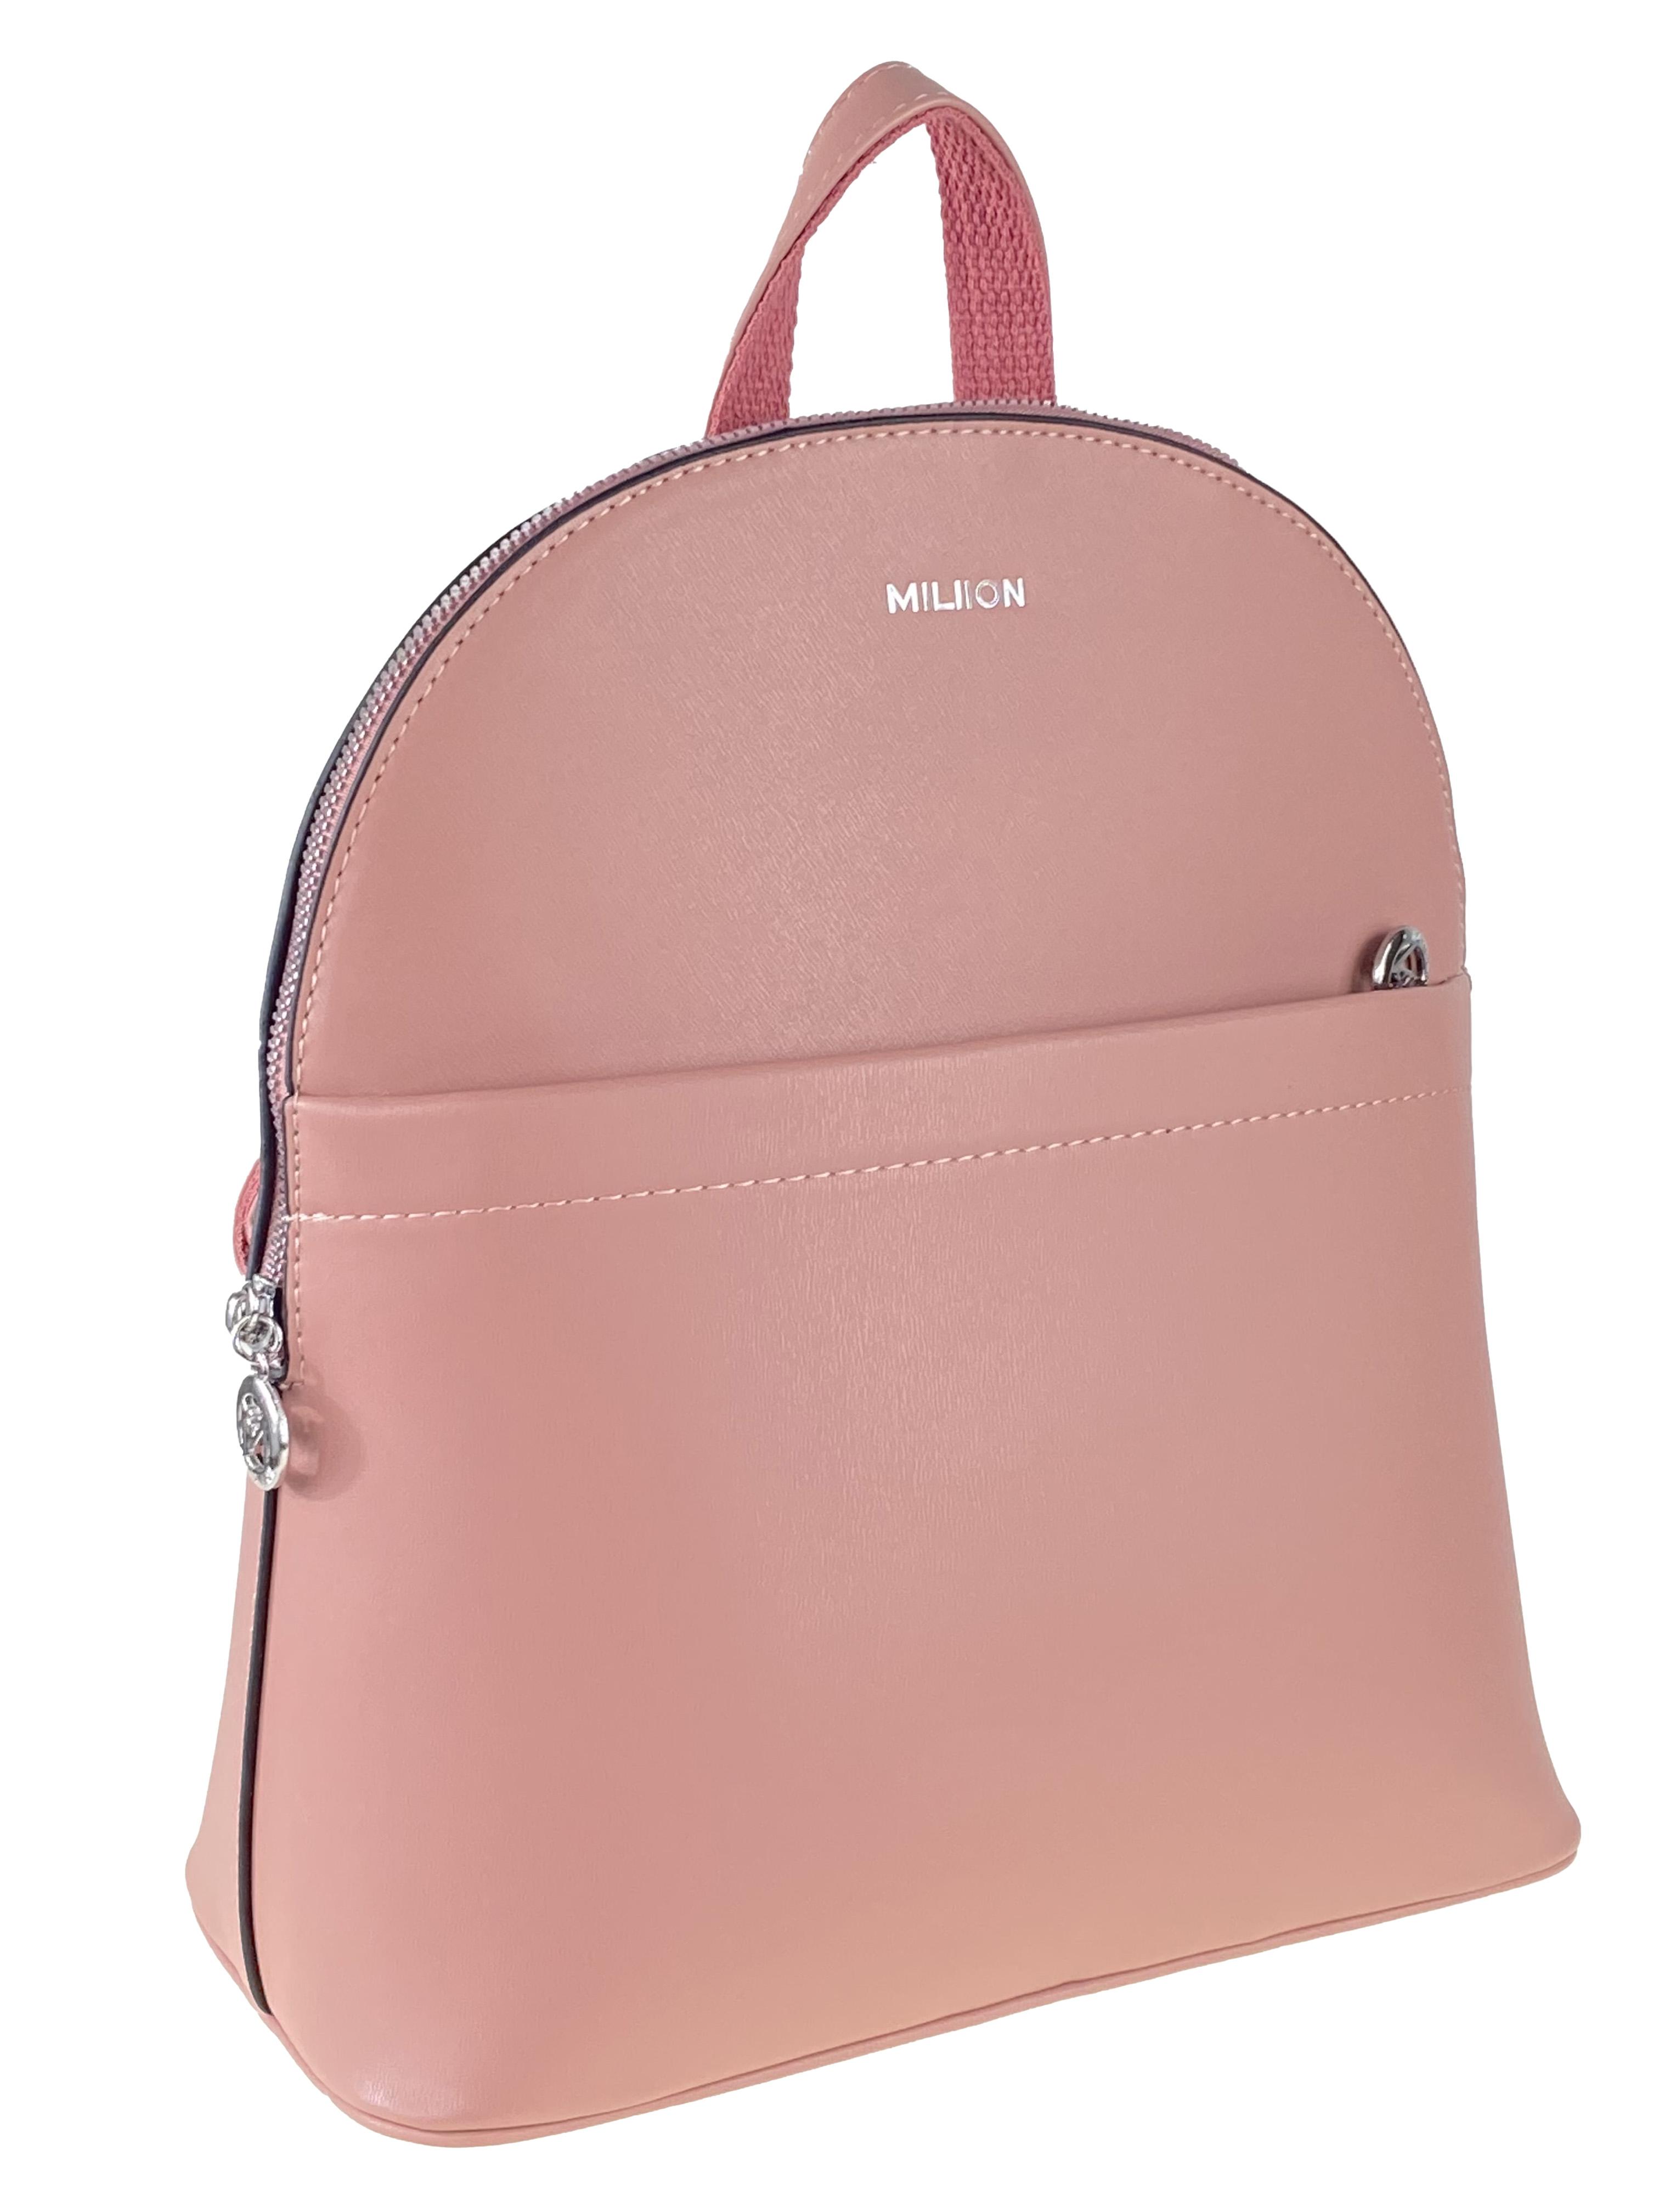 Рюкзак-трансформер женский из экокожи с жёстким каркасом, цвет розовый